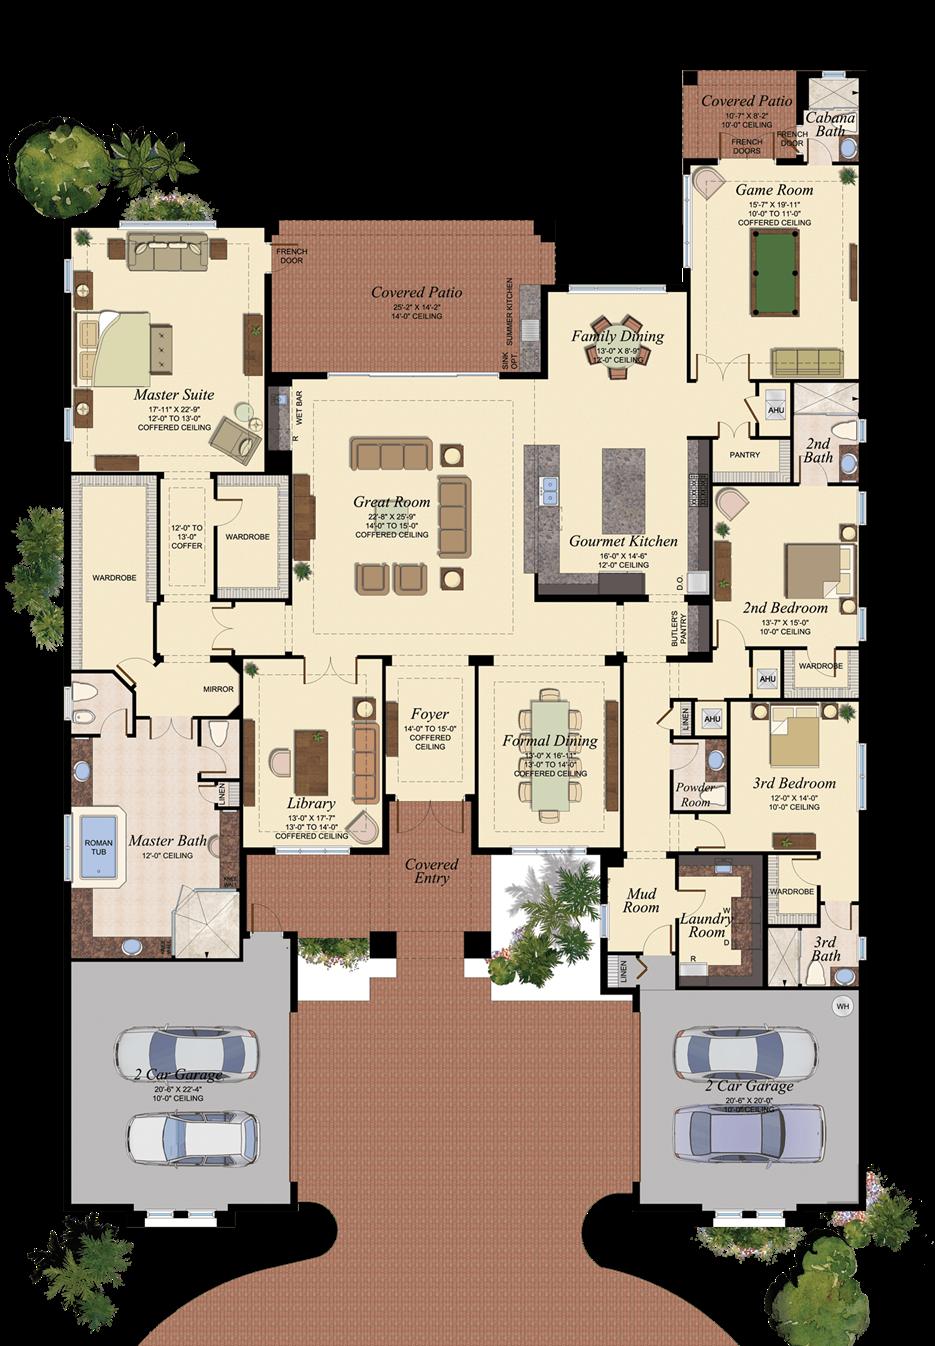 Versailles 901 Dream House Plans House Blueprints Home Design Floor Plans